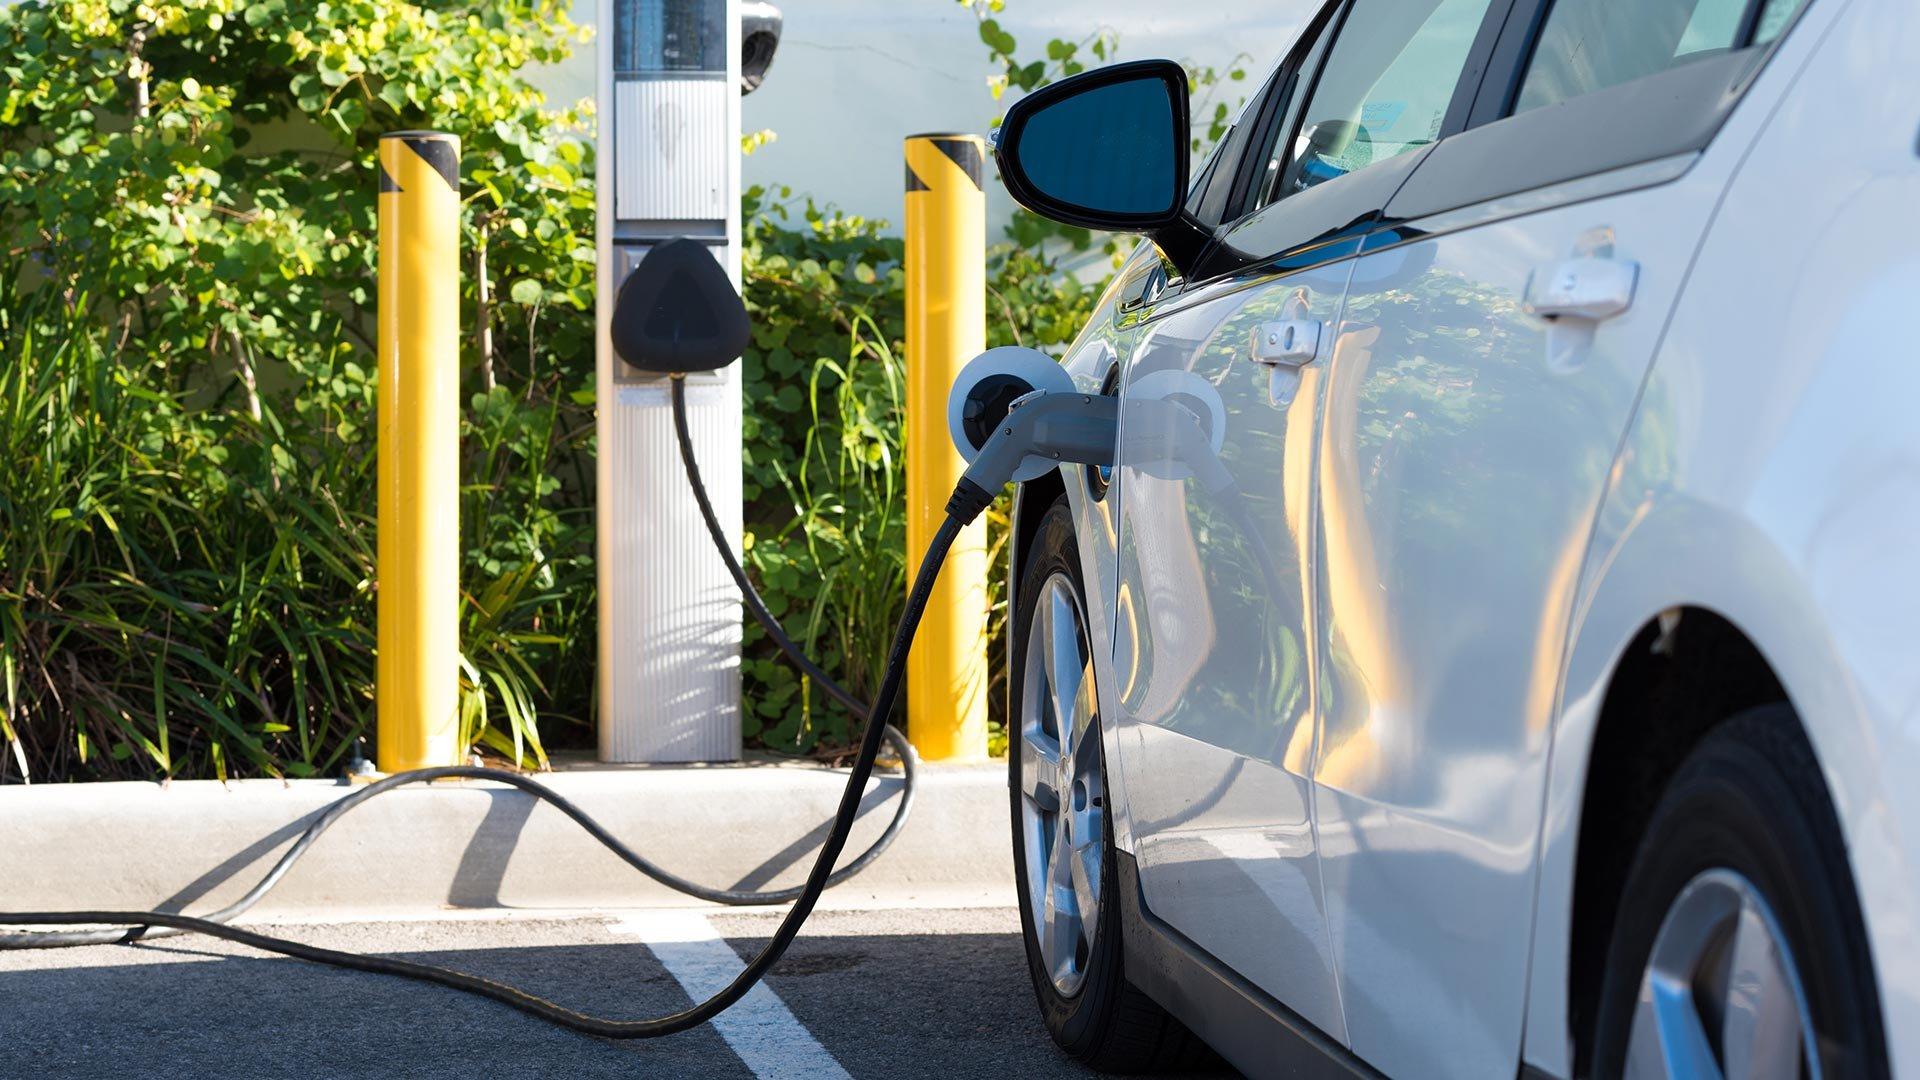 ventajas de comprar carro eléctrico.